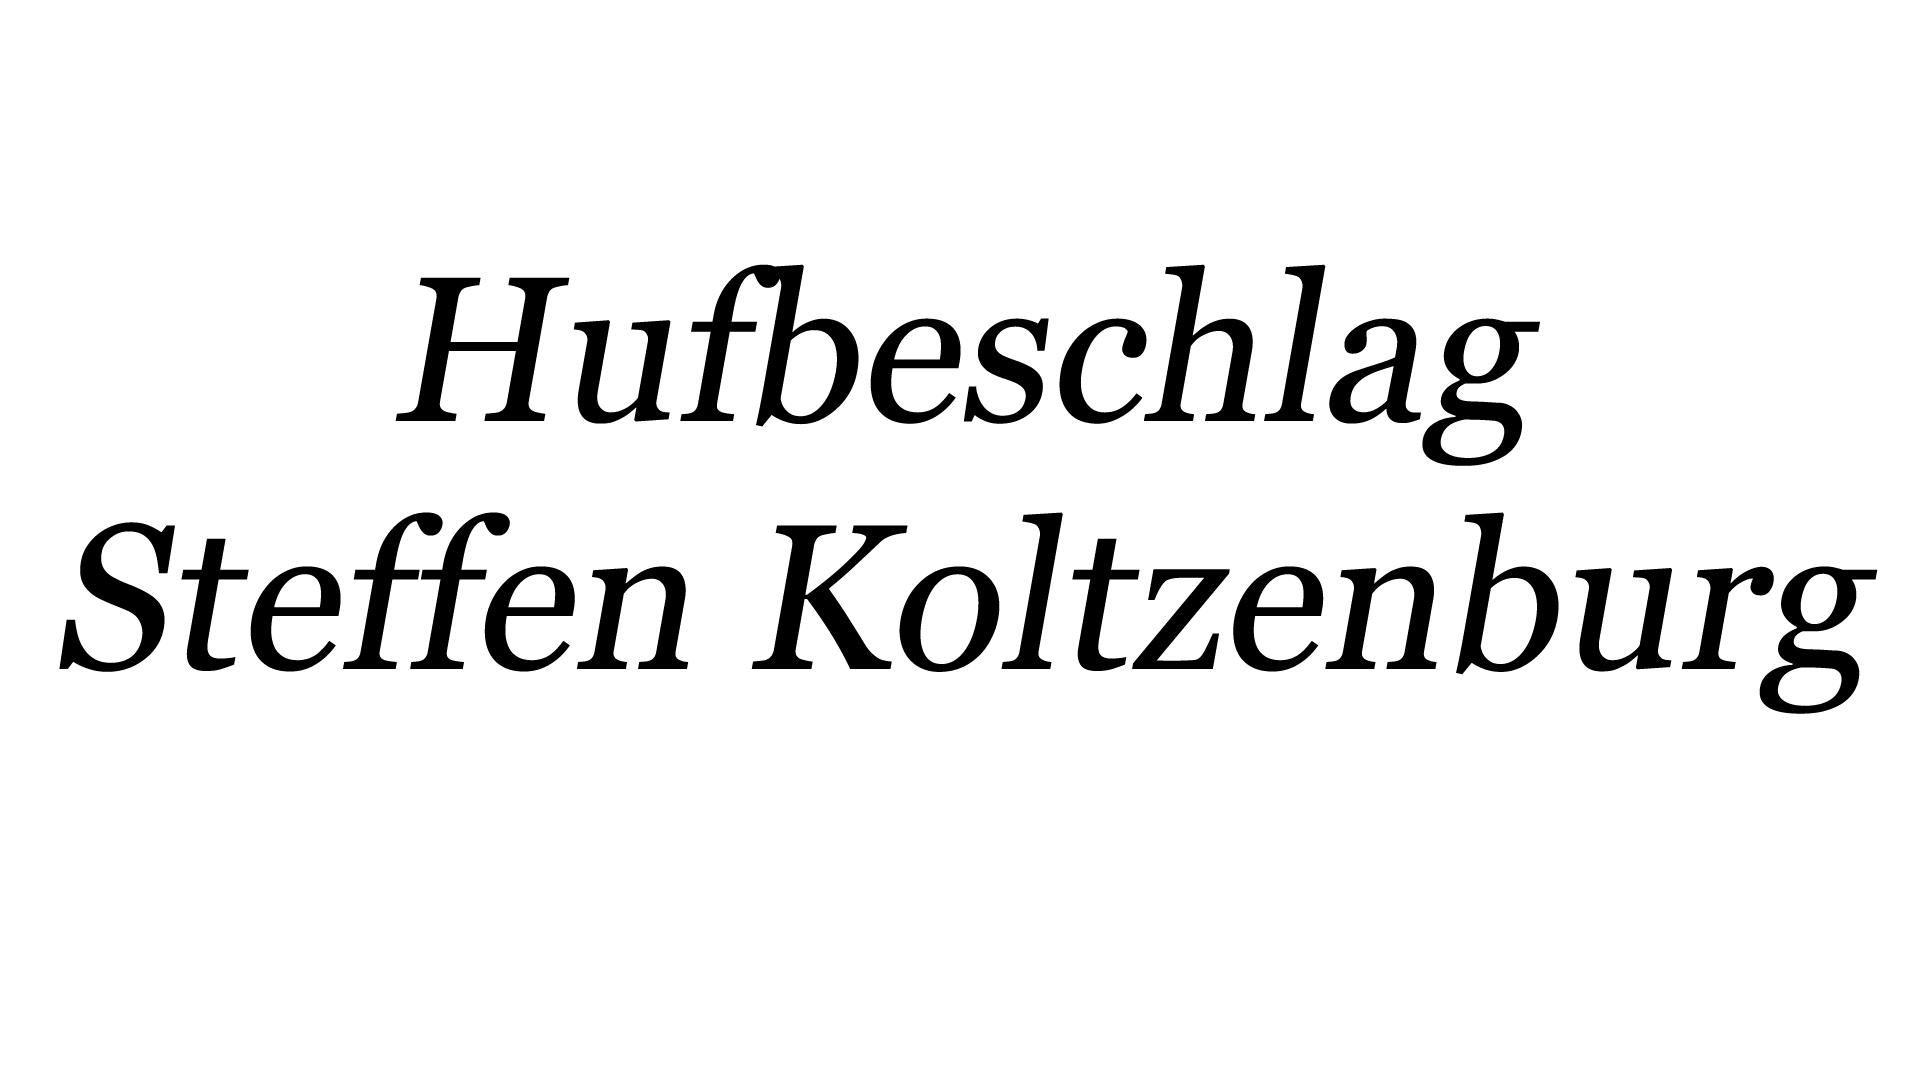 Hufbeschlag_SteffenKoltzenburg